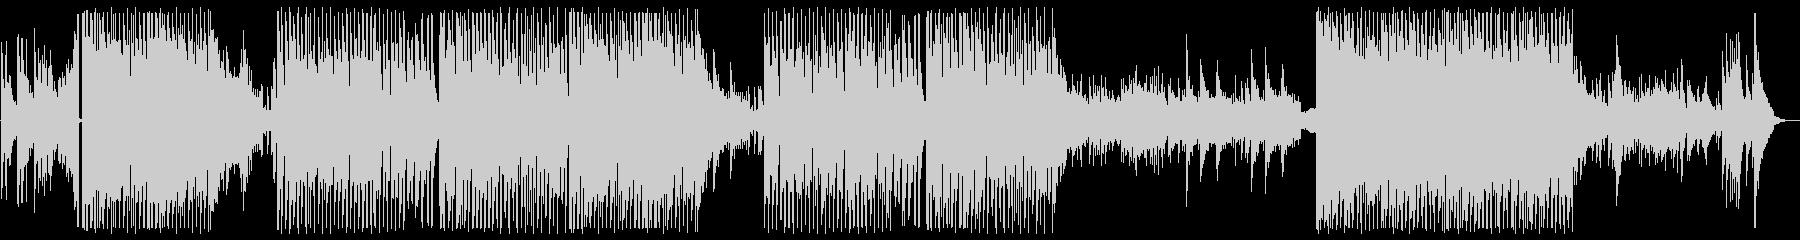 カロ・ミオ・ベン POP remixの未再生の波形